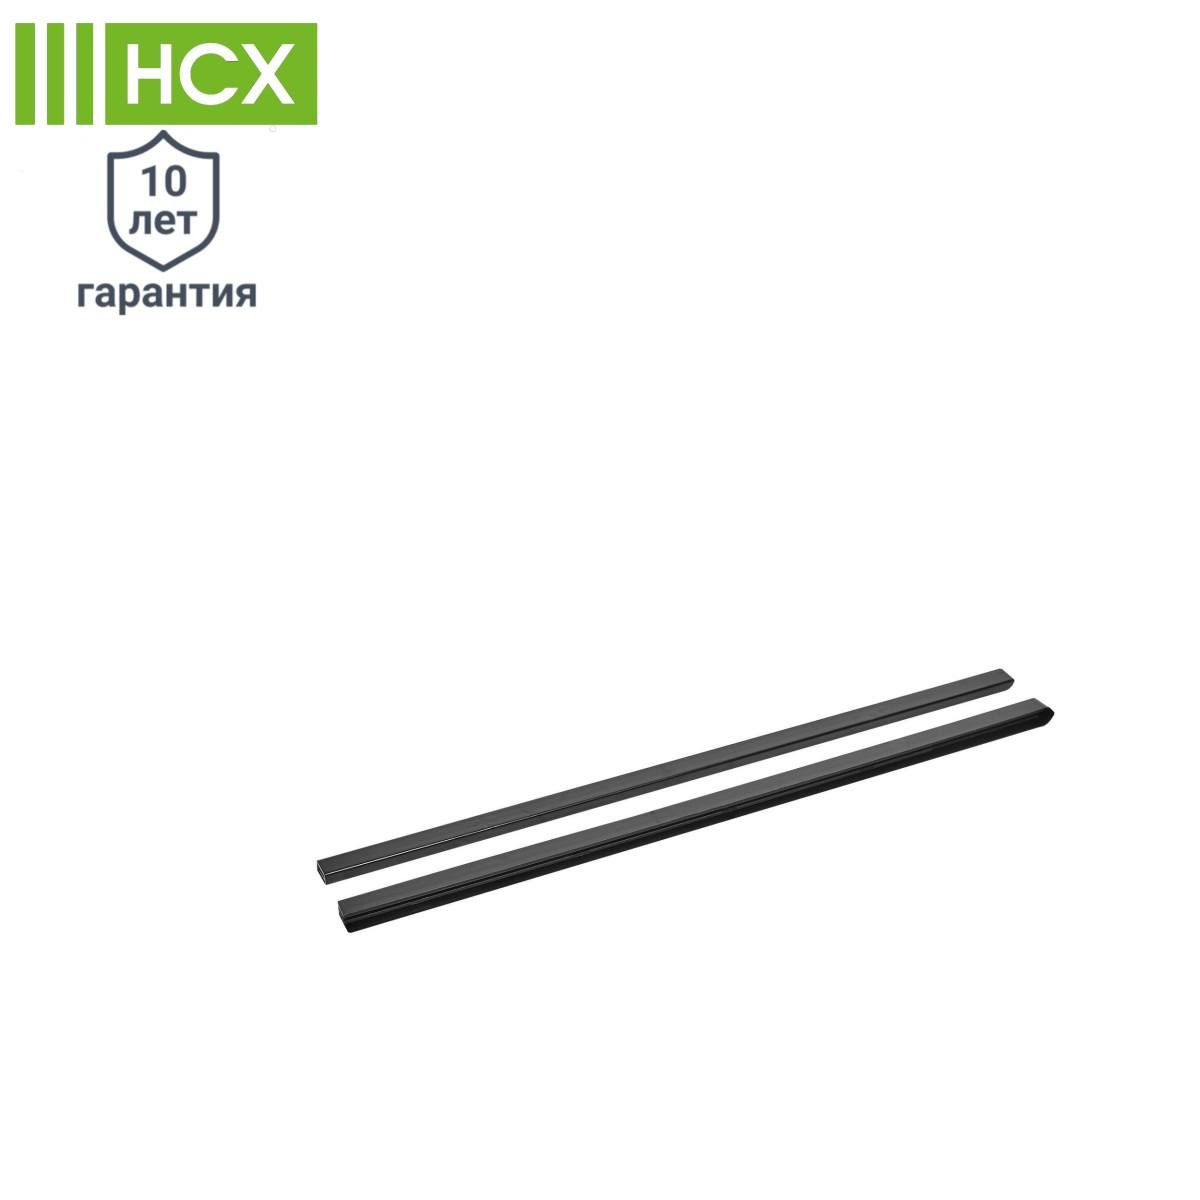 Декоративная накладка на кронштейн НСХ 164x84x390 мм цвет черный 2 шт